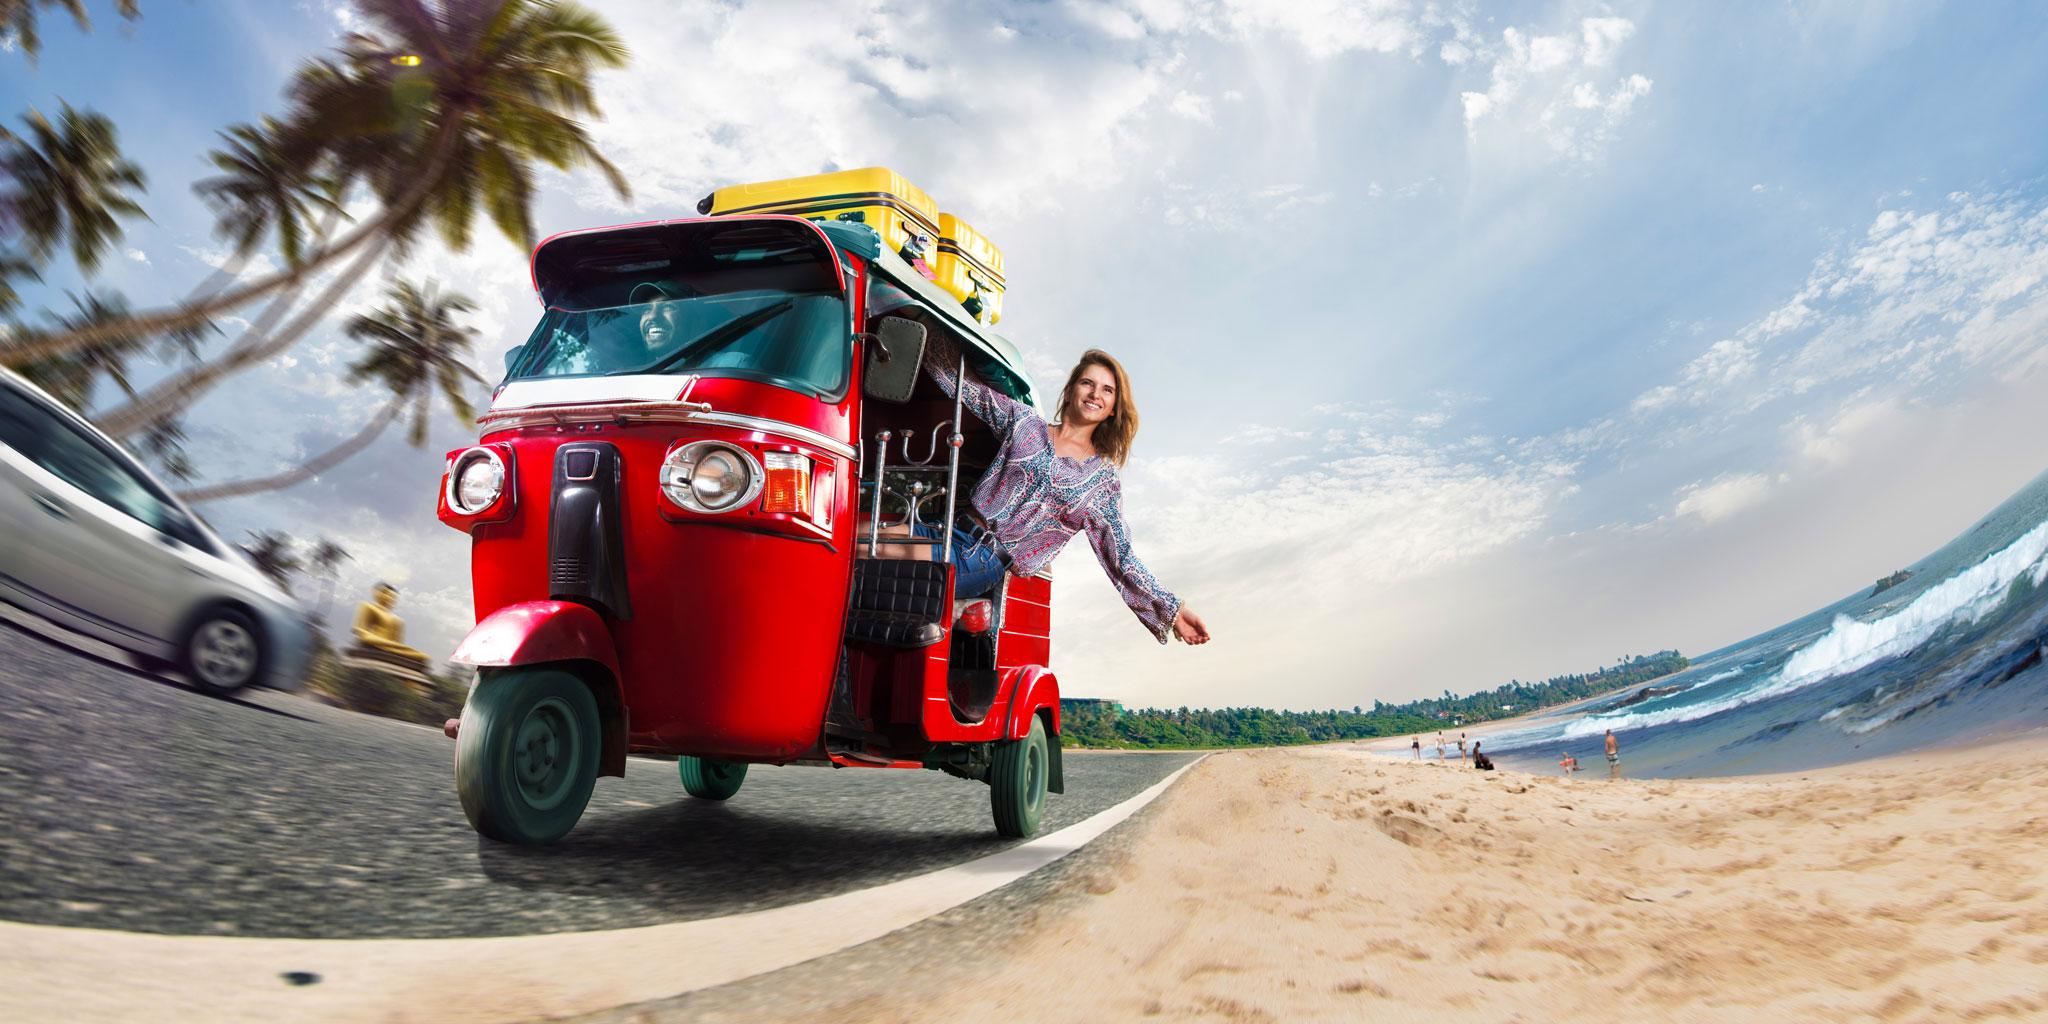 Otétuktuk Île de La Réunion touriste heureuse qui se balade au bord de mer à Saint-Gilles